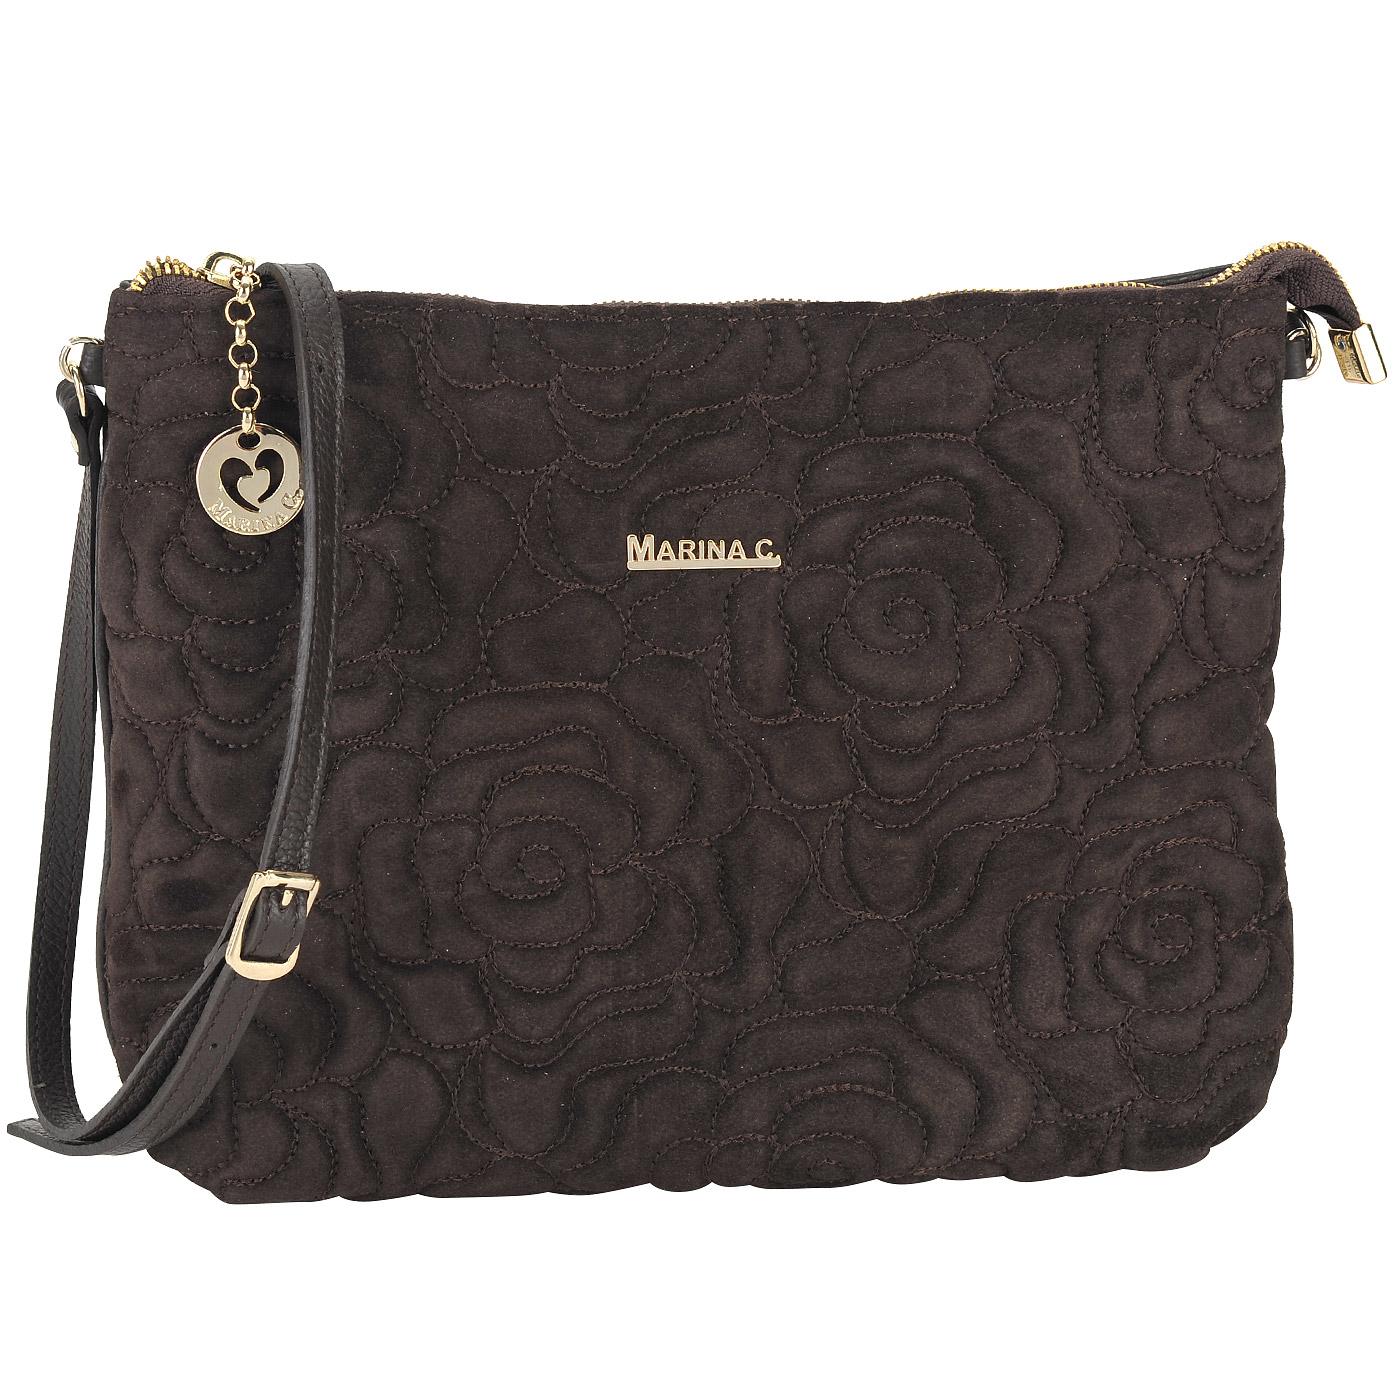 Маленькая стеганая сумка из натуральной кожи и замши Marina Creazioni  3936 t.moro - 2000557798670 коричневый натуральная кожа 26 x 22 x 6 Цена  4990 руб. ... 0659fe14efb